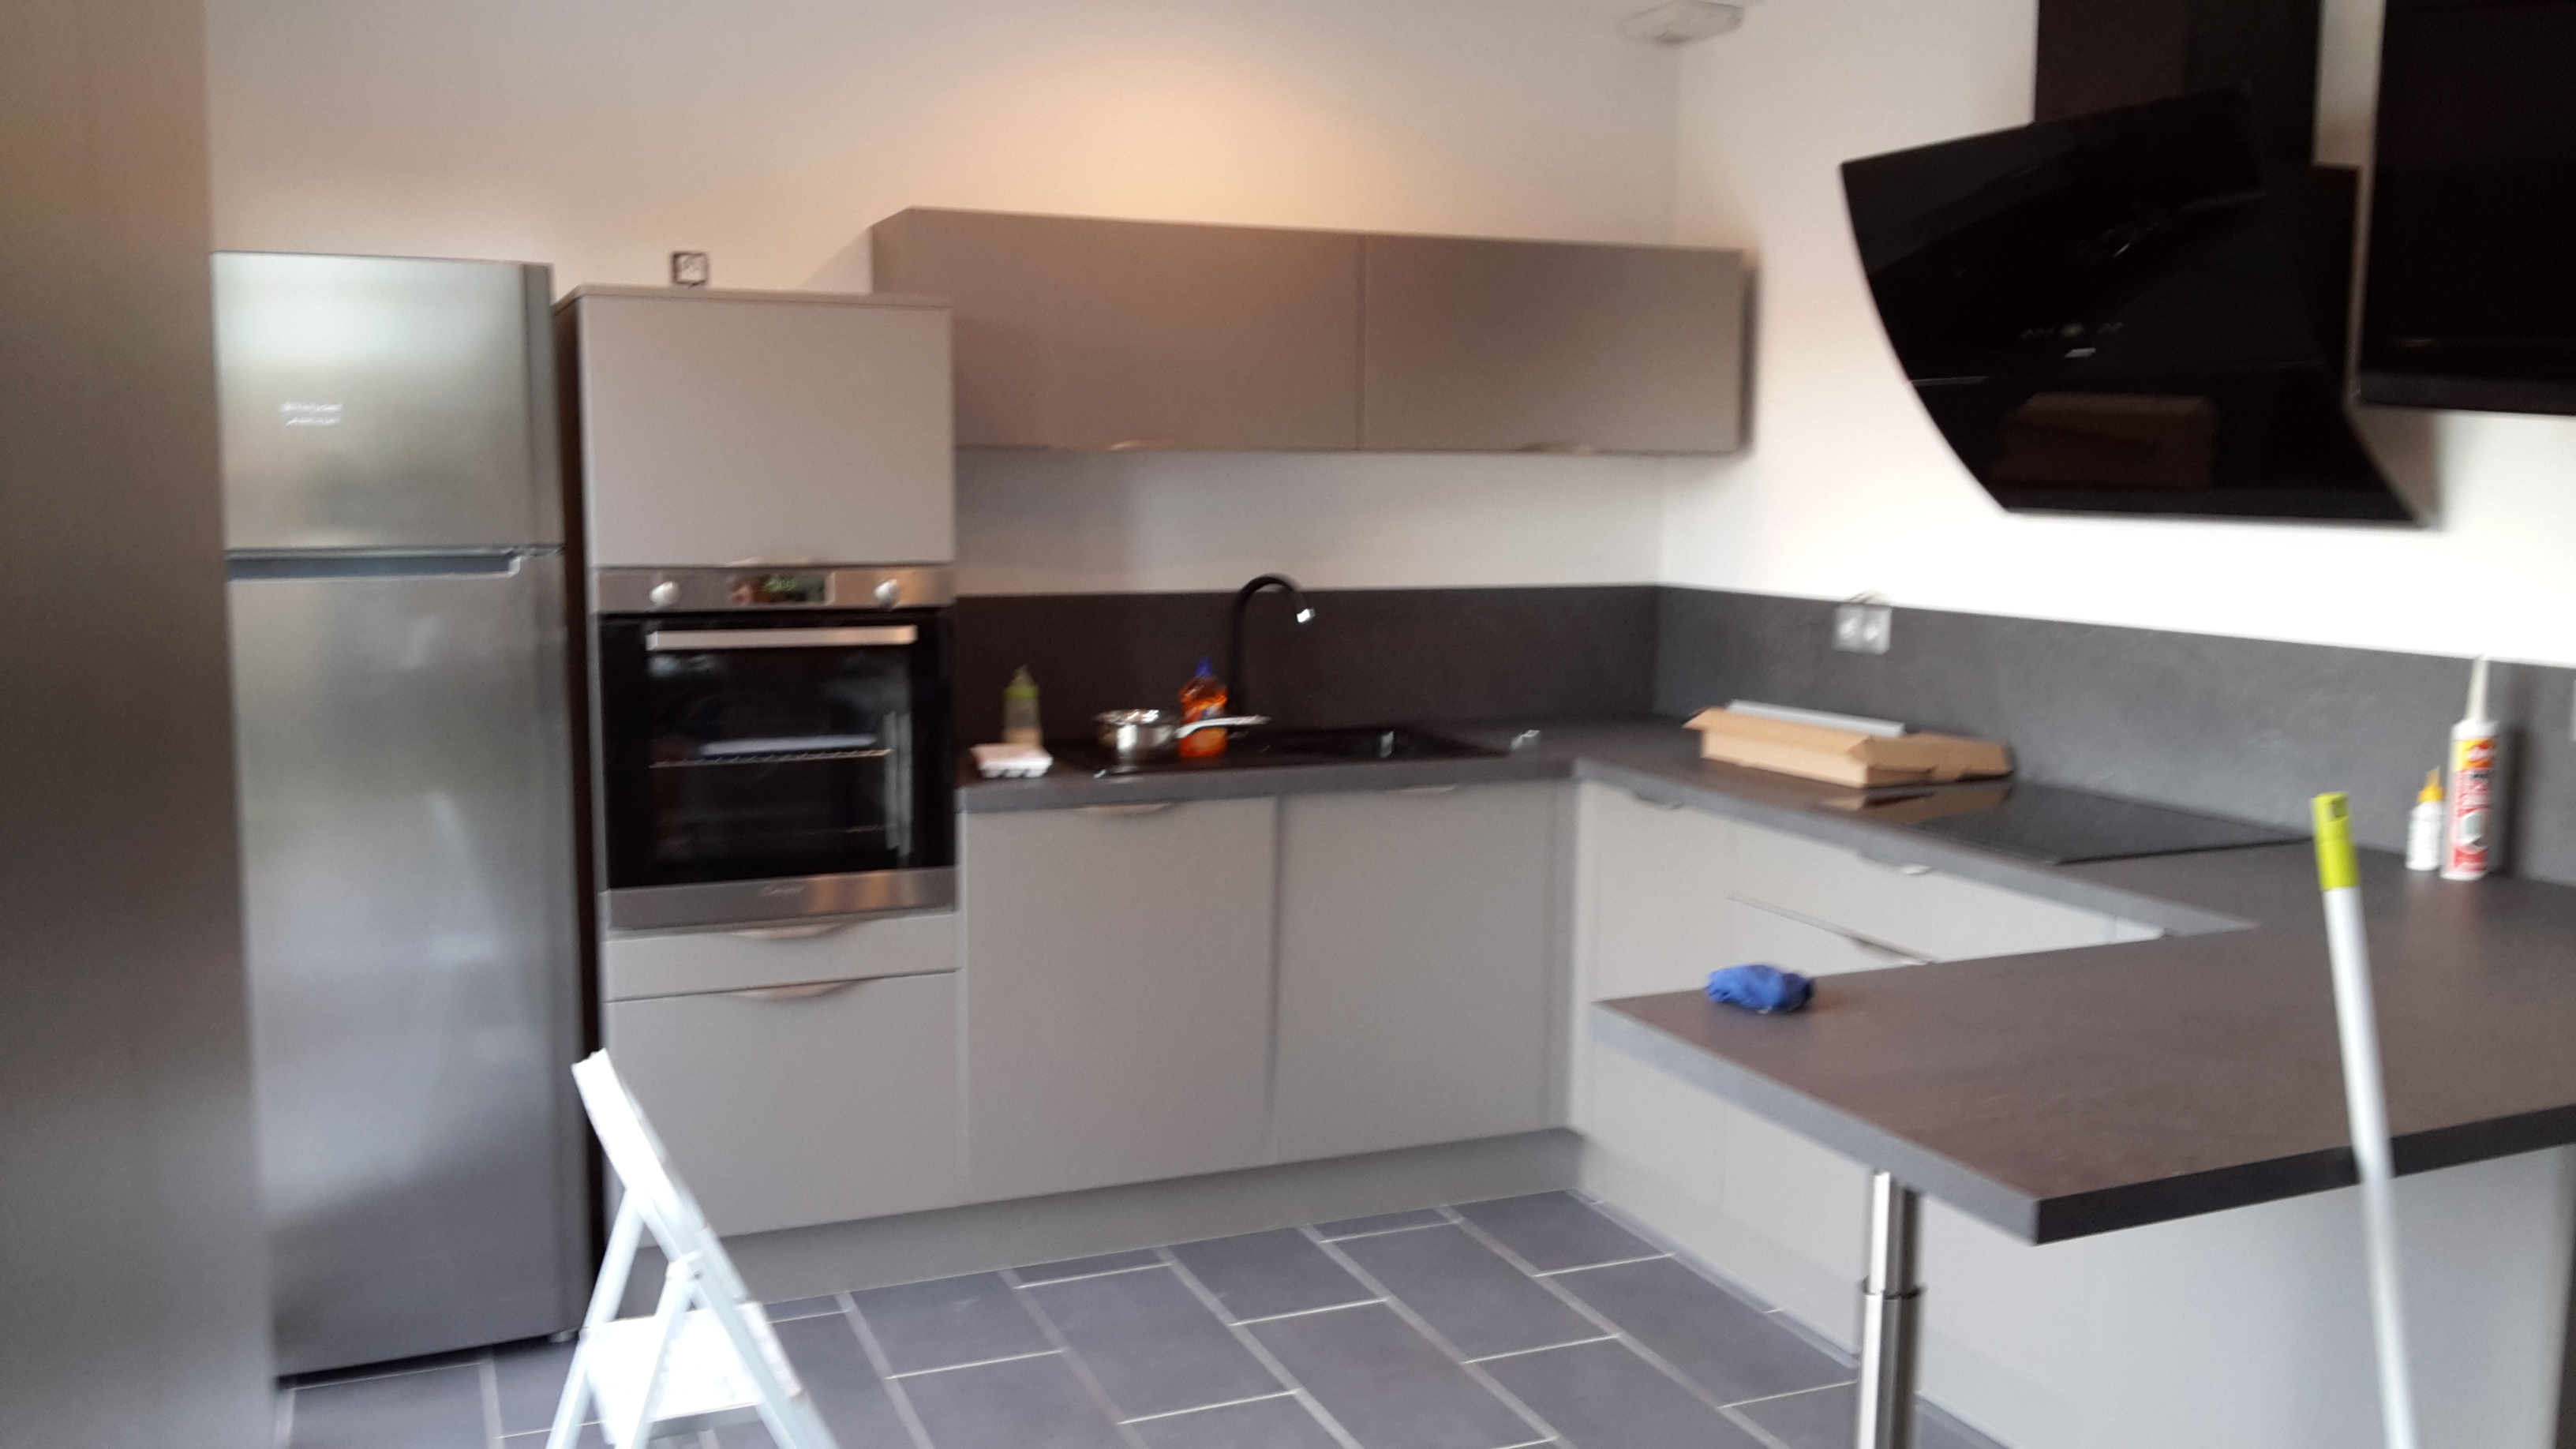 Meuble Haut Cuisine Brico Depot Affordable With Meuble Haut - Meuble d angle haut cuisine pour idees de deco de cuisine